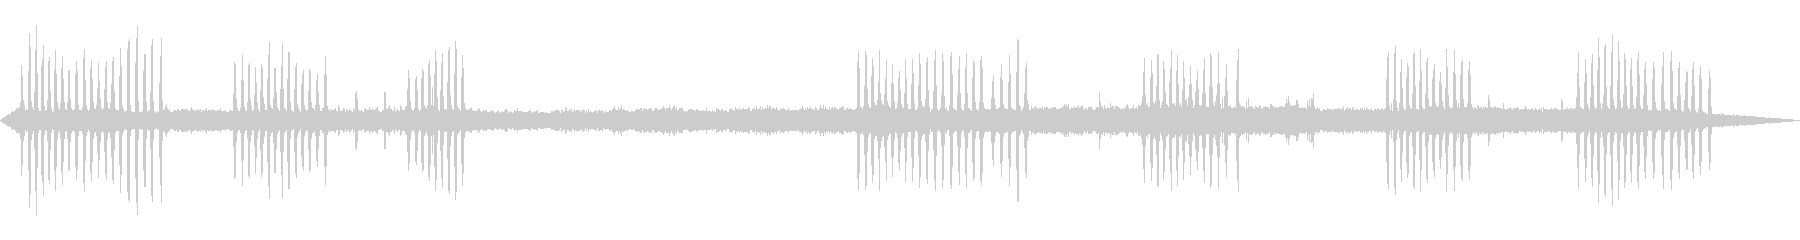 カエルの鳴き声-1の未再生の波形